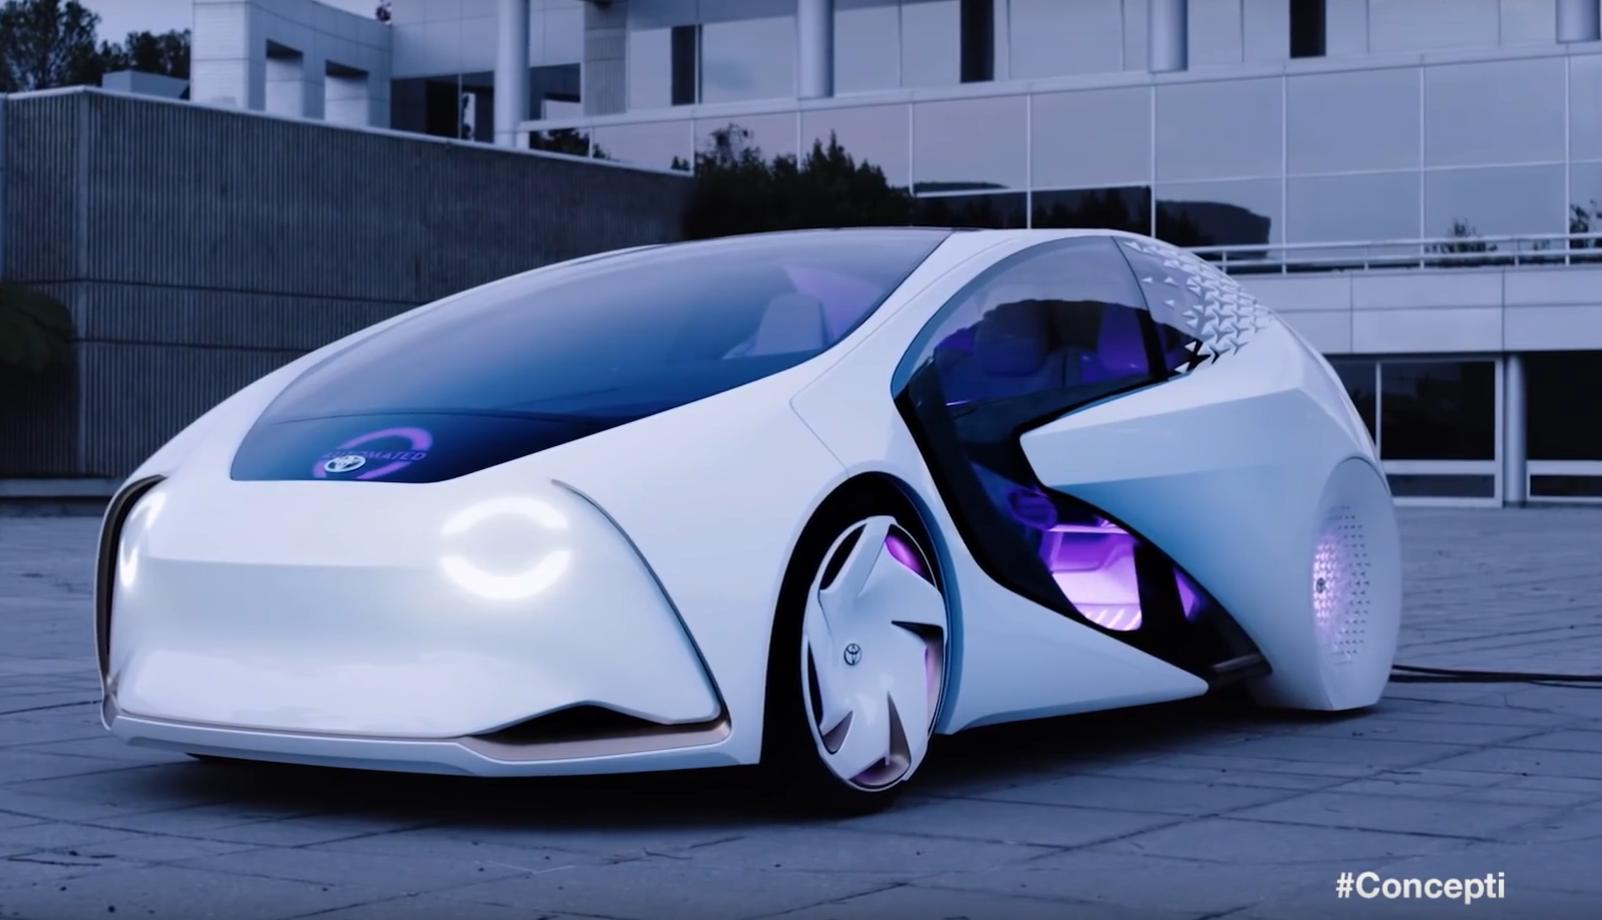 Тачка из далекого будущего уже тут — Toyta Concept-i